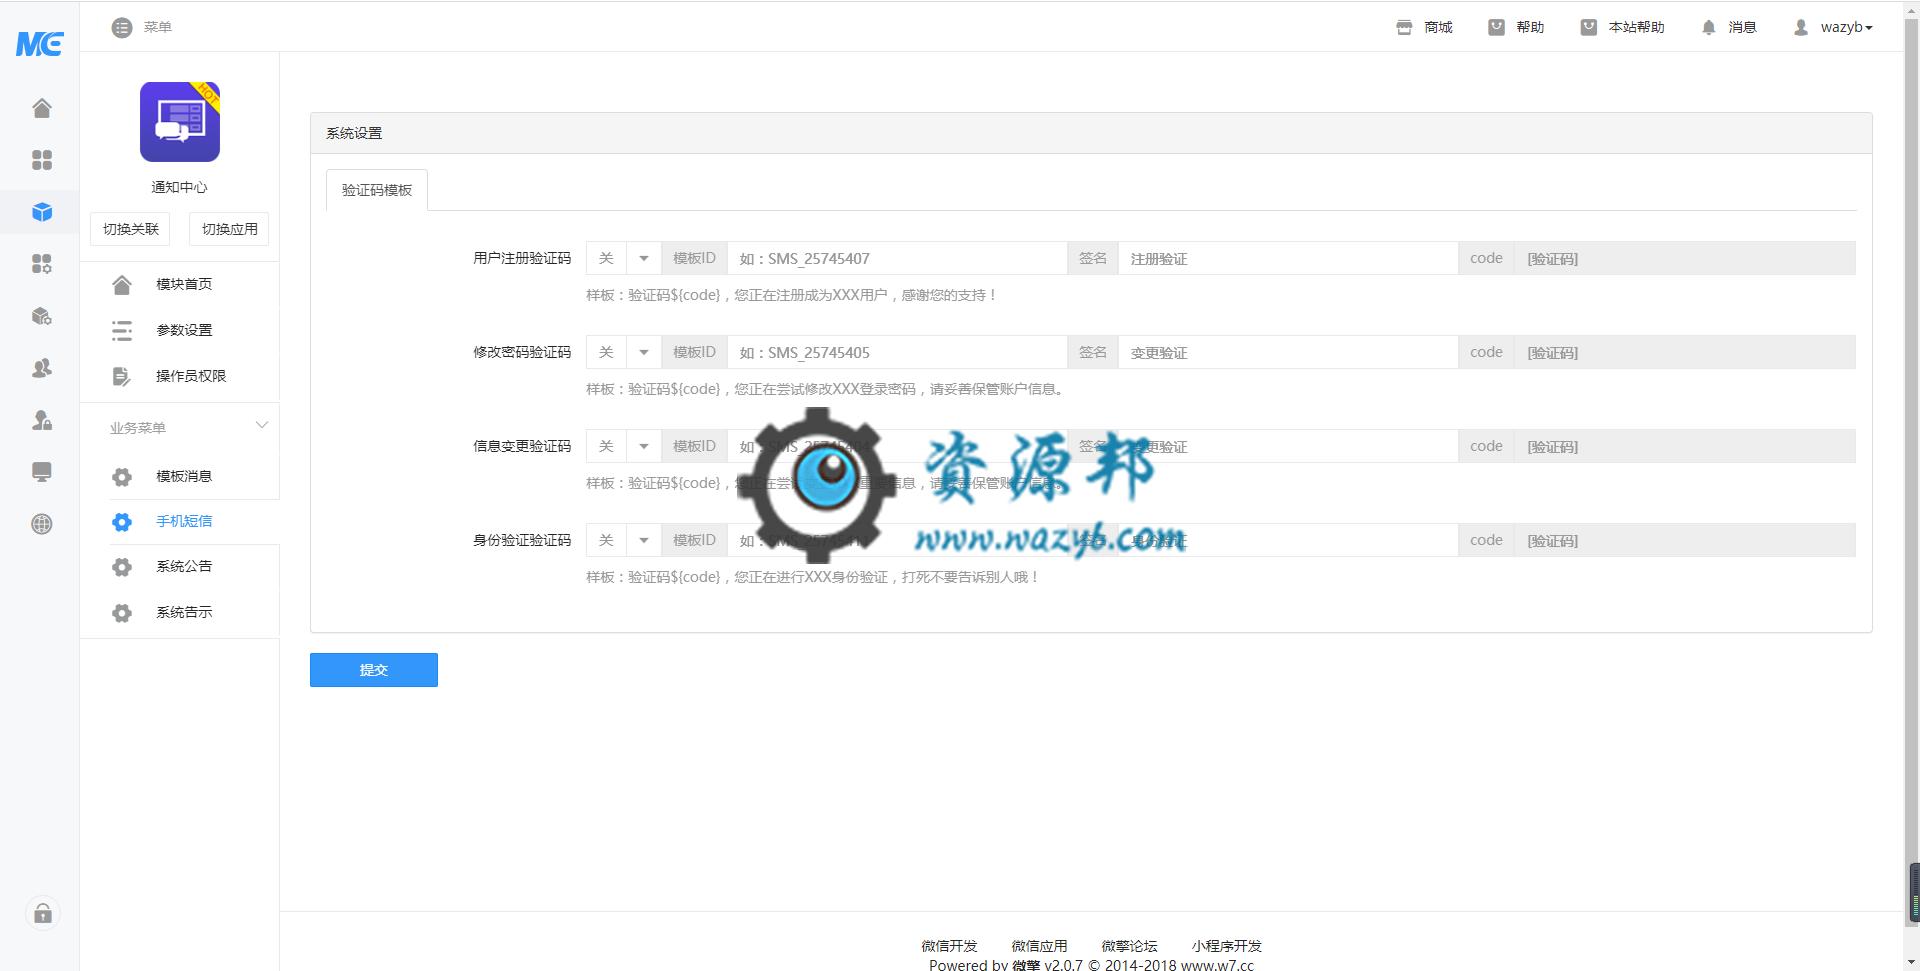 【公众号应用】通知中心V2.1.0完整安装包,更新模板 公众号应用 第4张